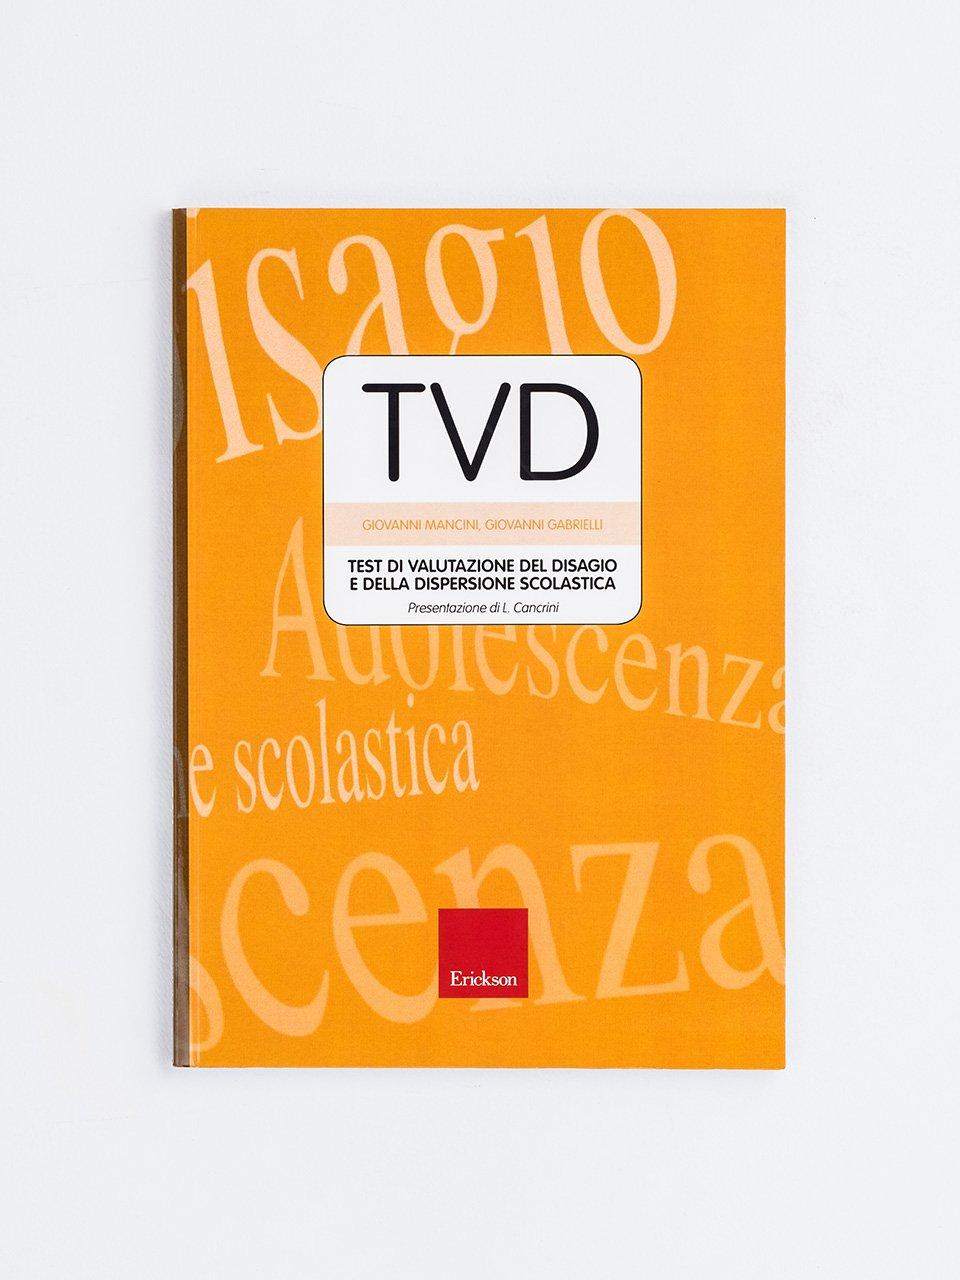 Test TVD - Valutazione del disagio e dispersione s - Libri - Erickson